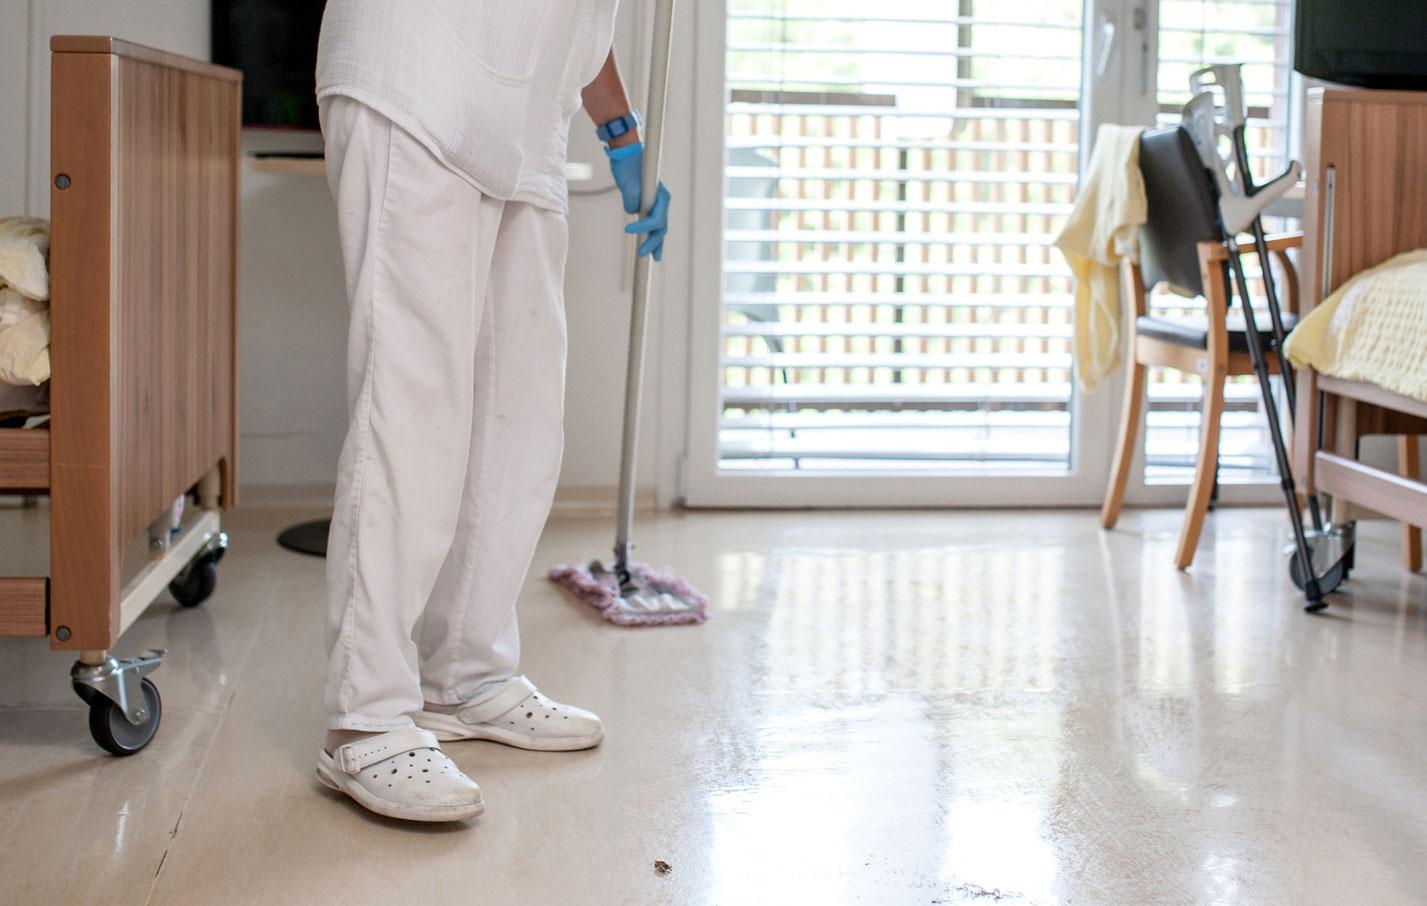 Hoitaja siivoaa lattiaa